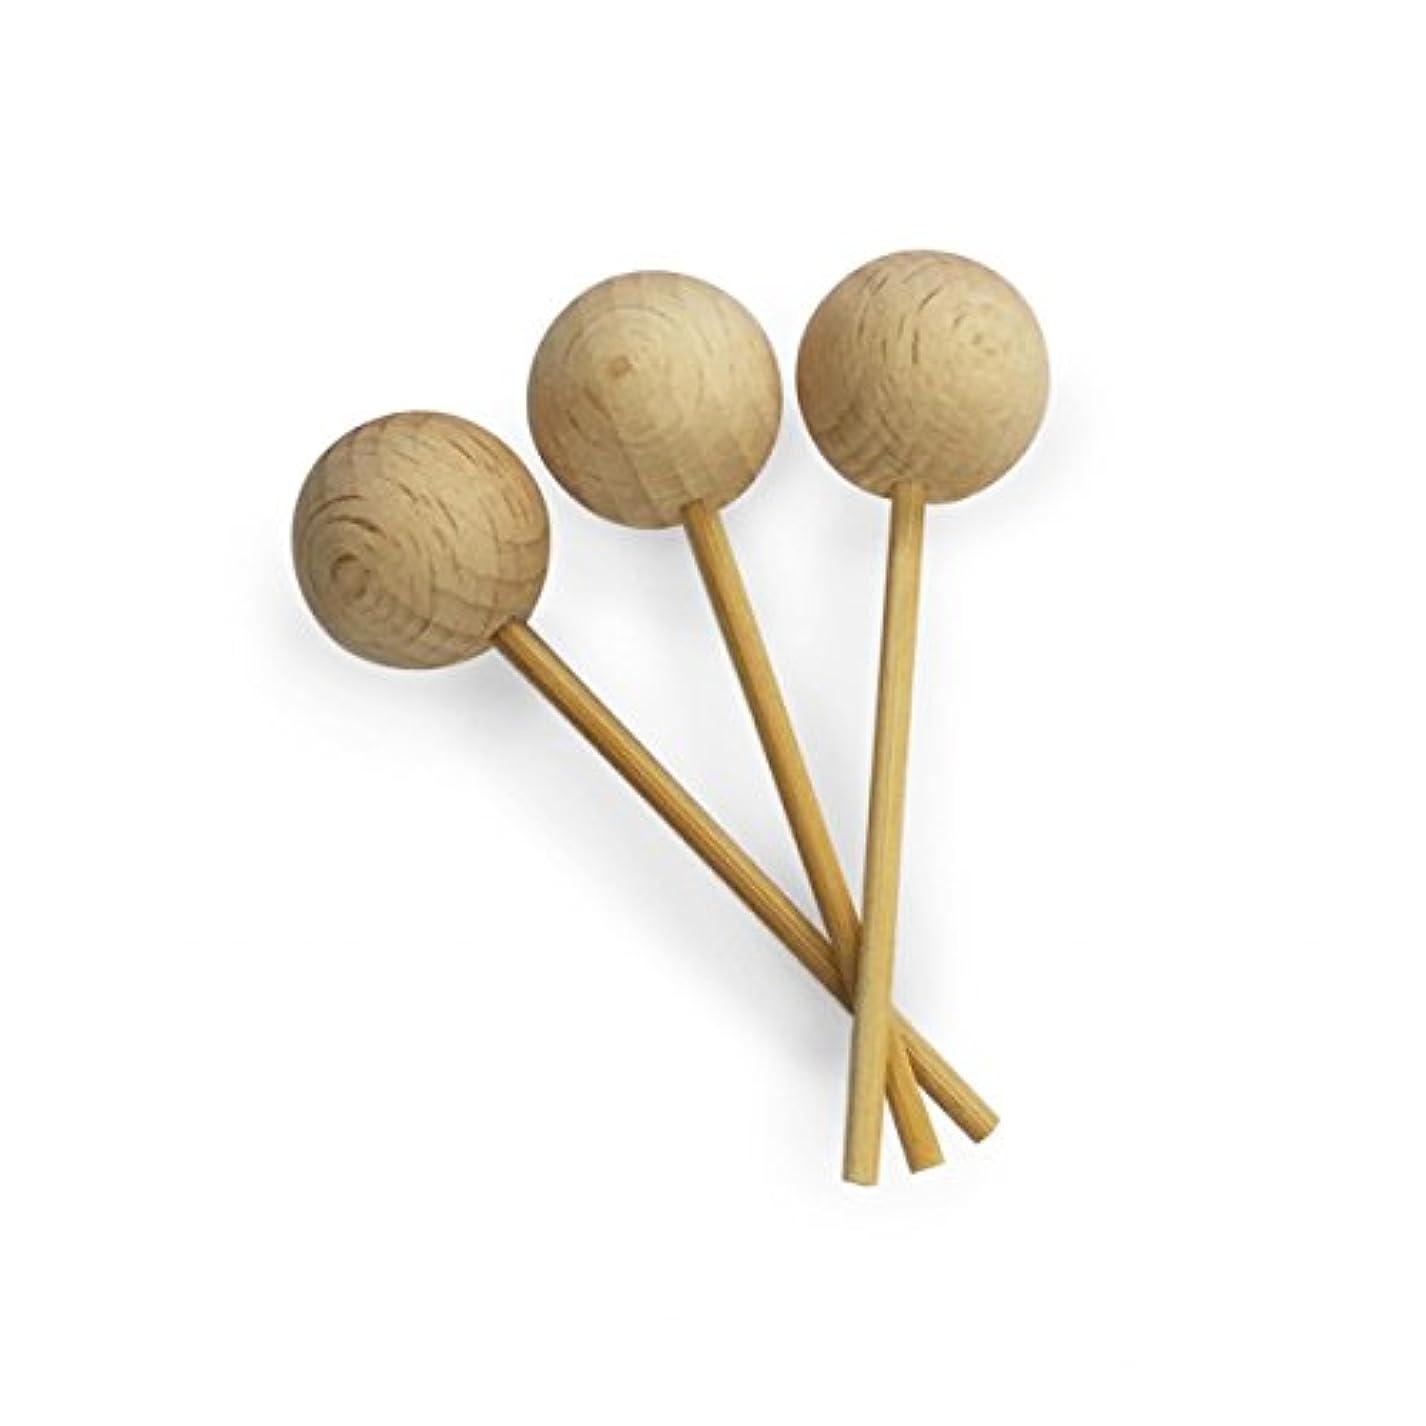 会計はねかける敵カリス成城 アロマ芳香器 木のお家 交換用木製スティック3本入